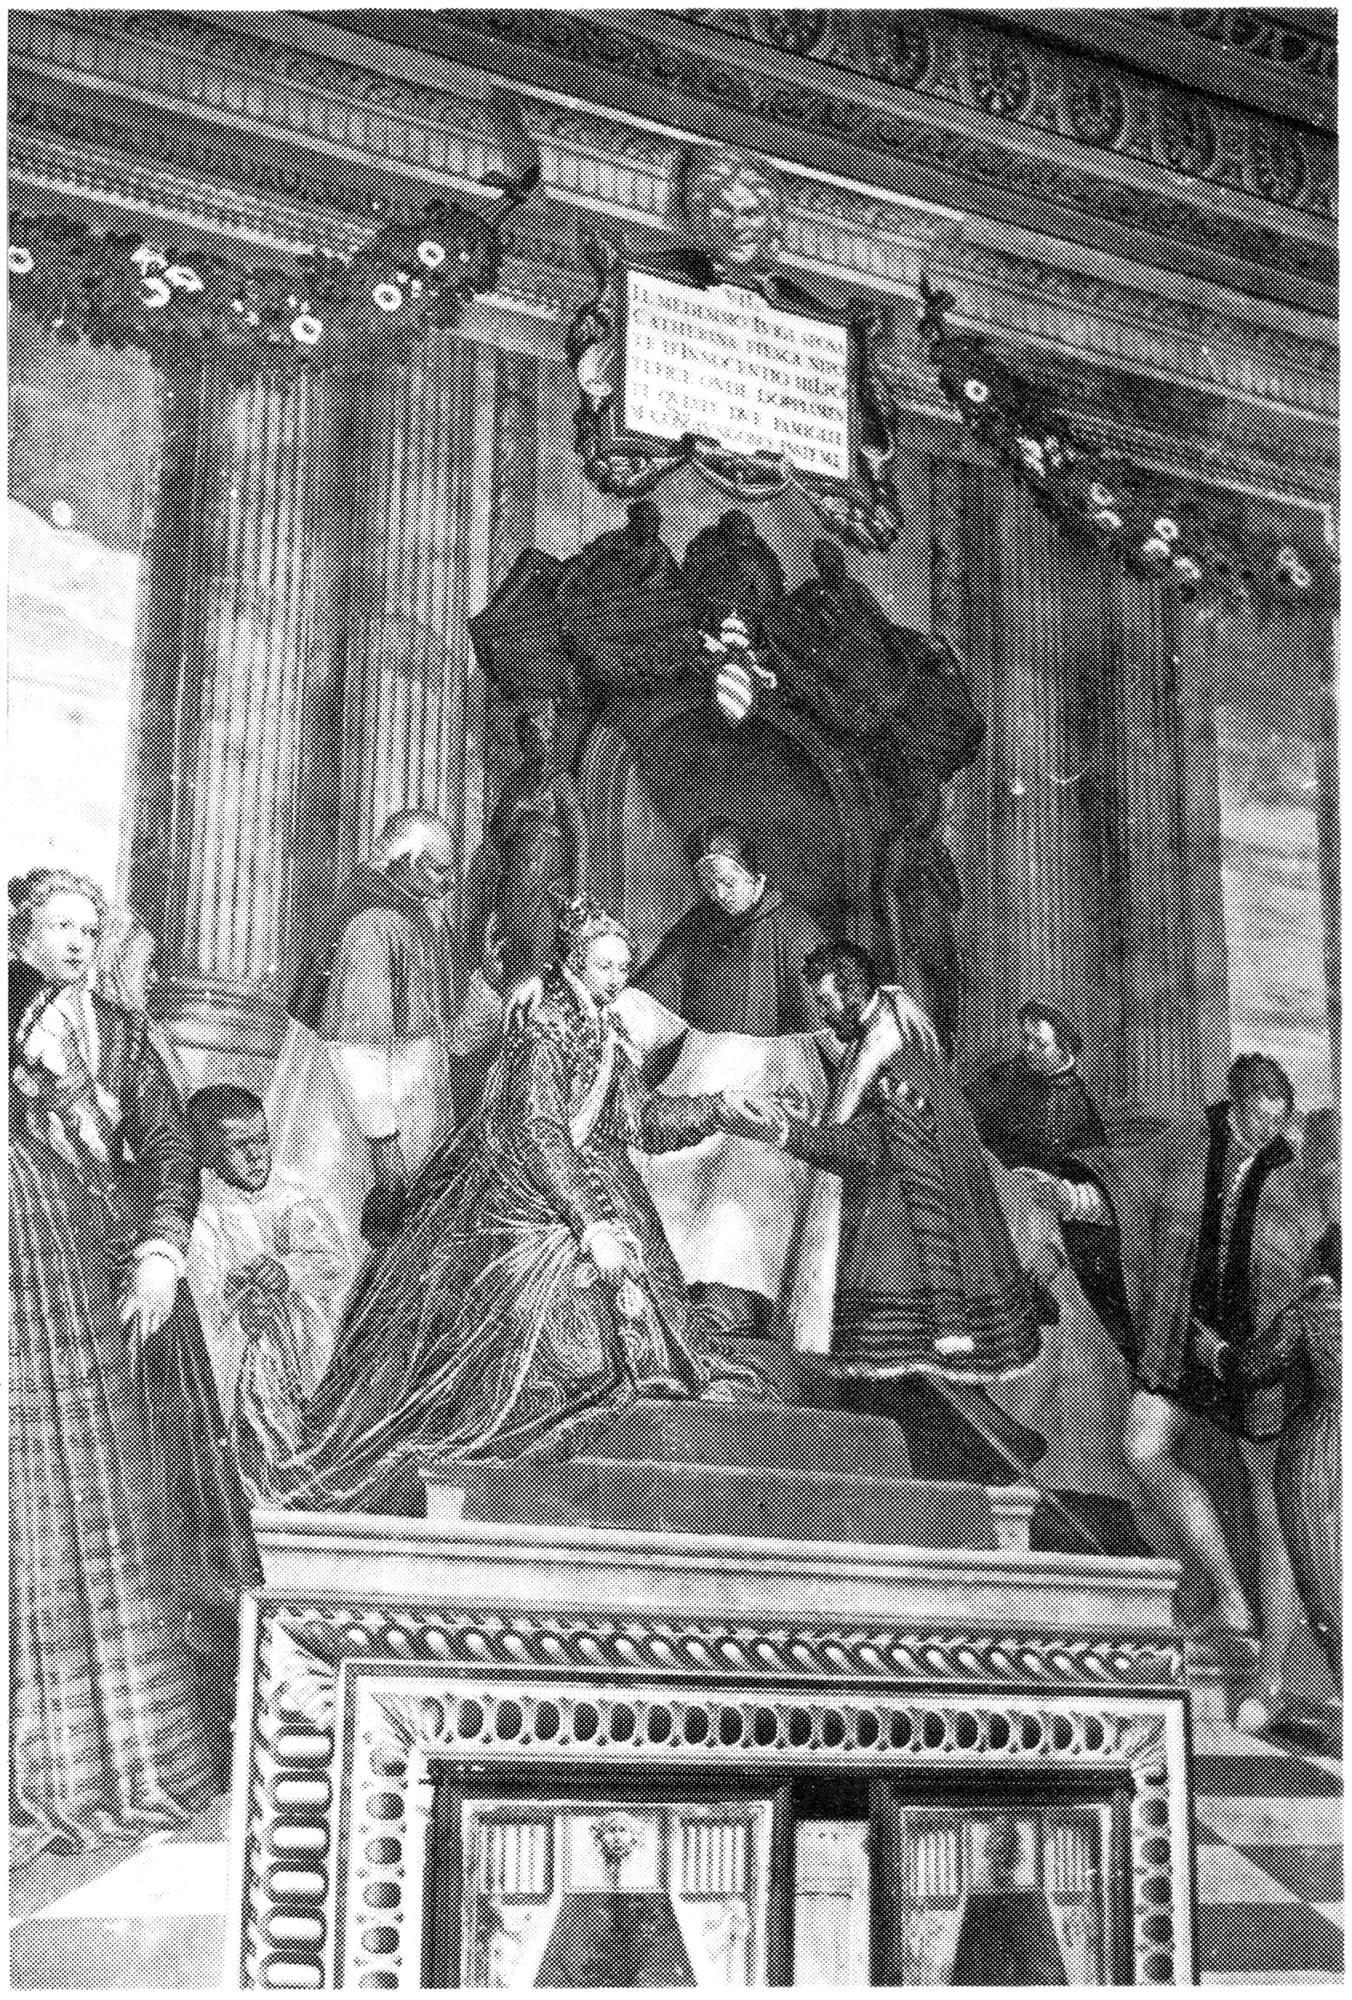 Luigi Obizzi sposa Caterina Fieschi innanzi a Papa Innocenzo IV Fieschi. L'affresco si trova nel Castello del Catajo, a Battaglia Terme.